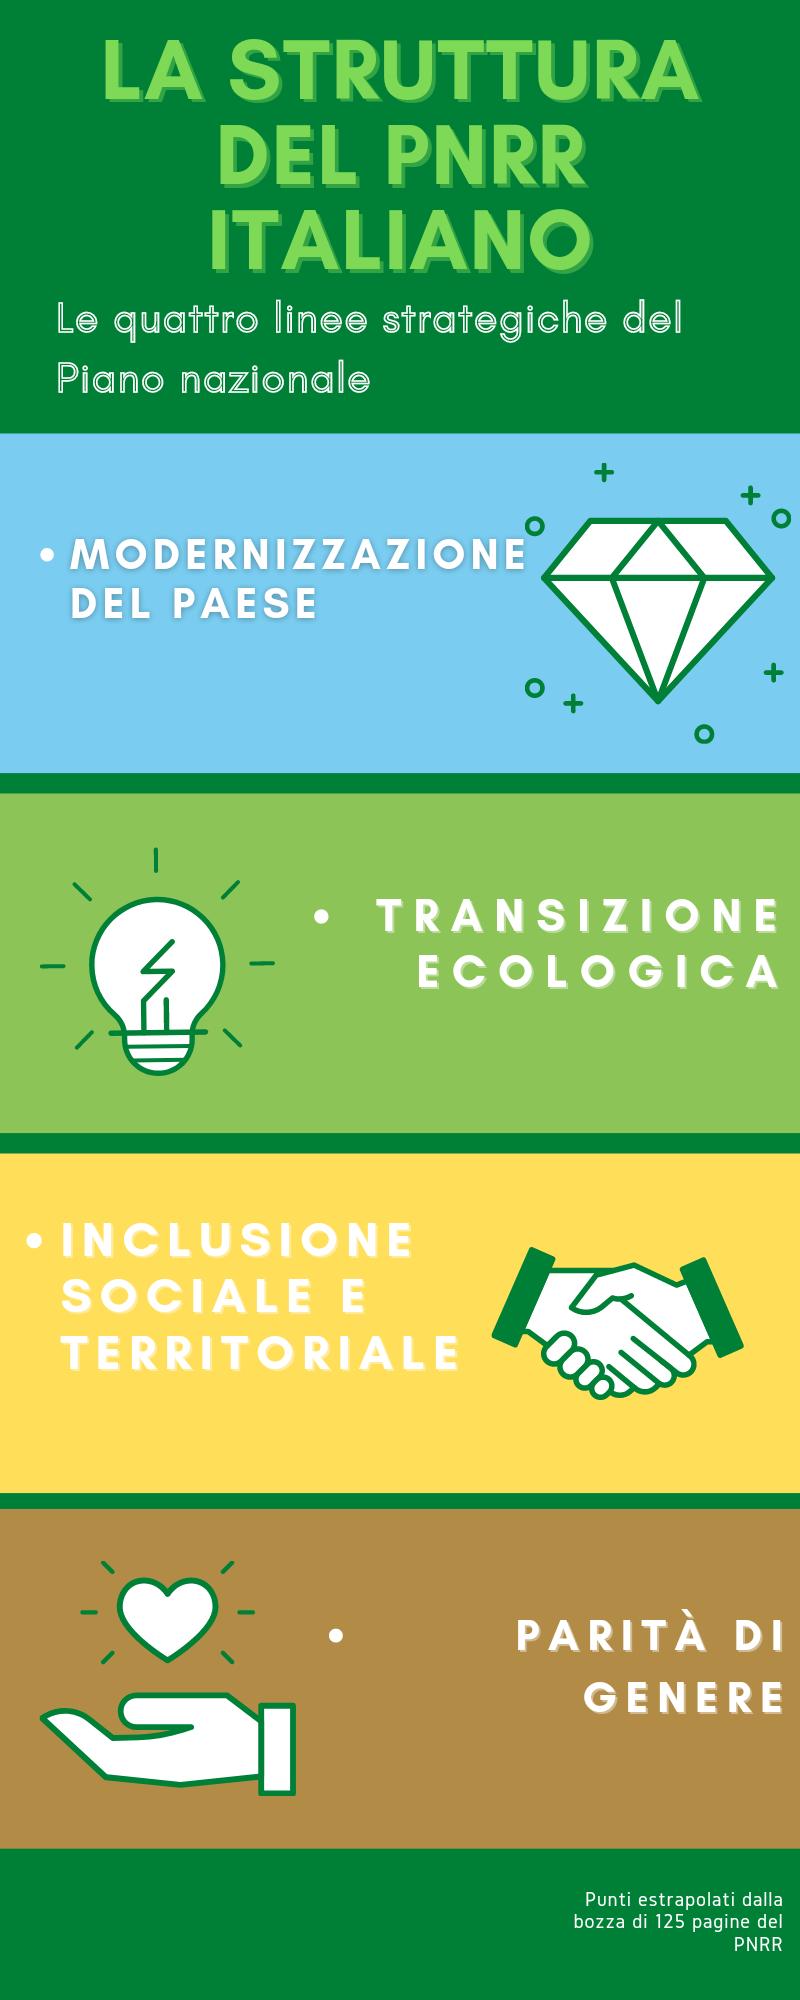 La rivoluzione verde e la transizione ecologica prevista dal PNRR